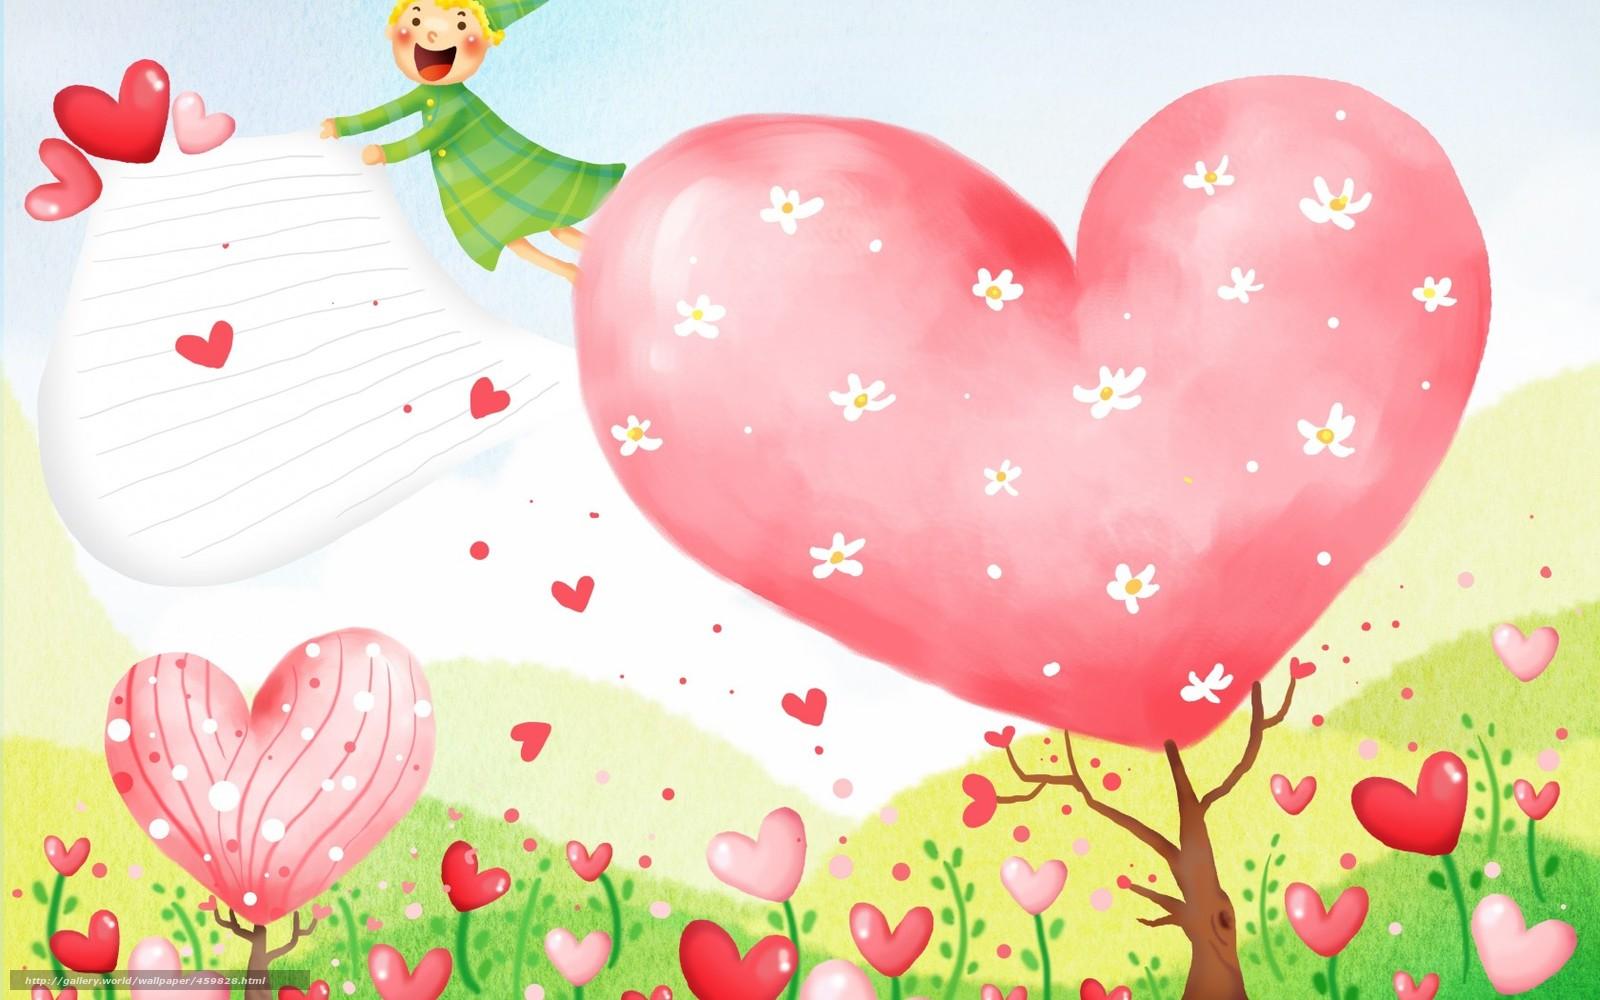 Carta Da Parati Bambini Love: Scaricare Gli Sfondi Carta Da Parati Per Bambini, Fiori